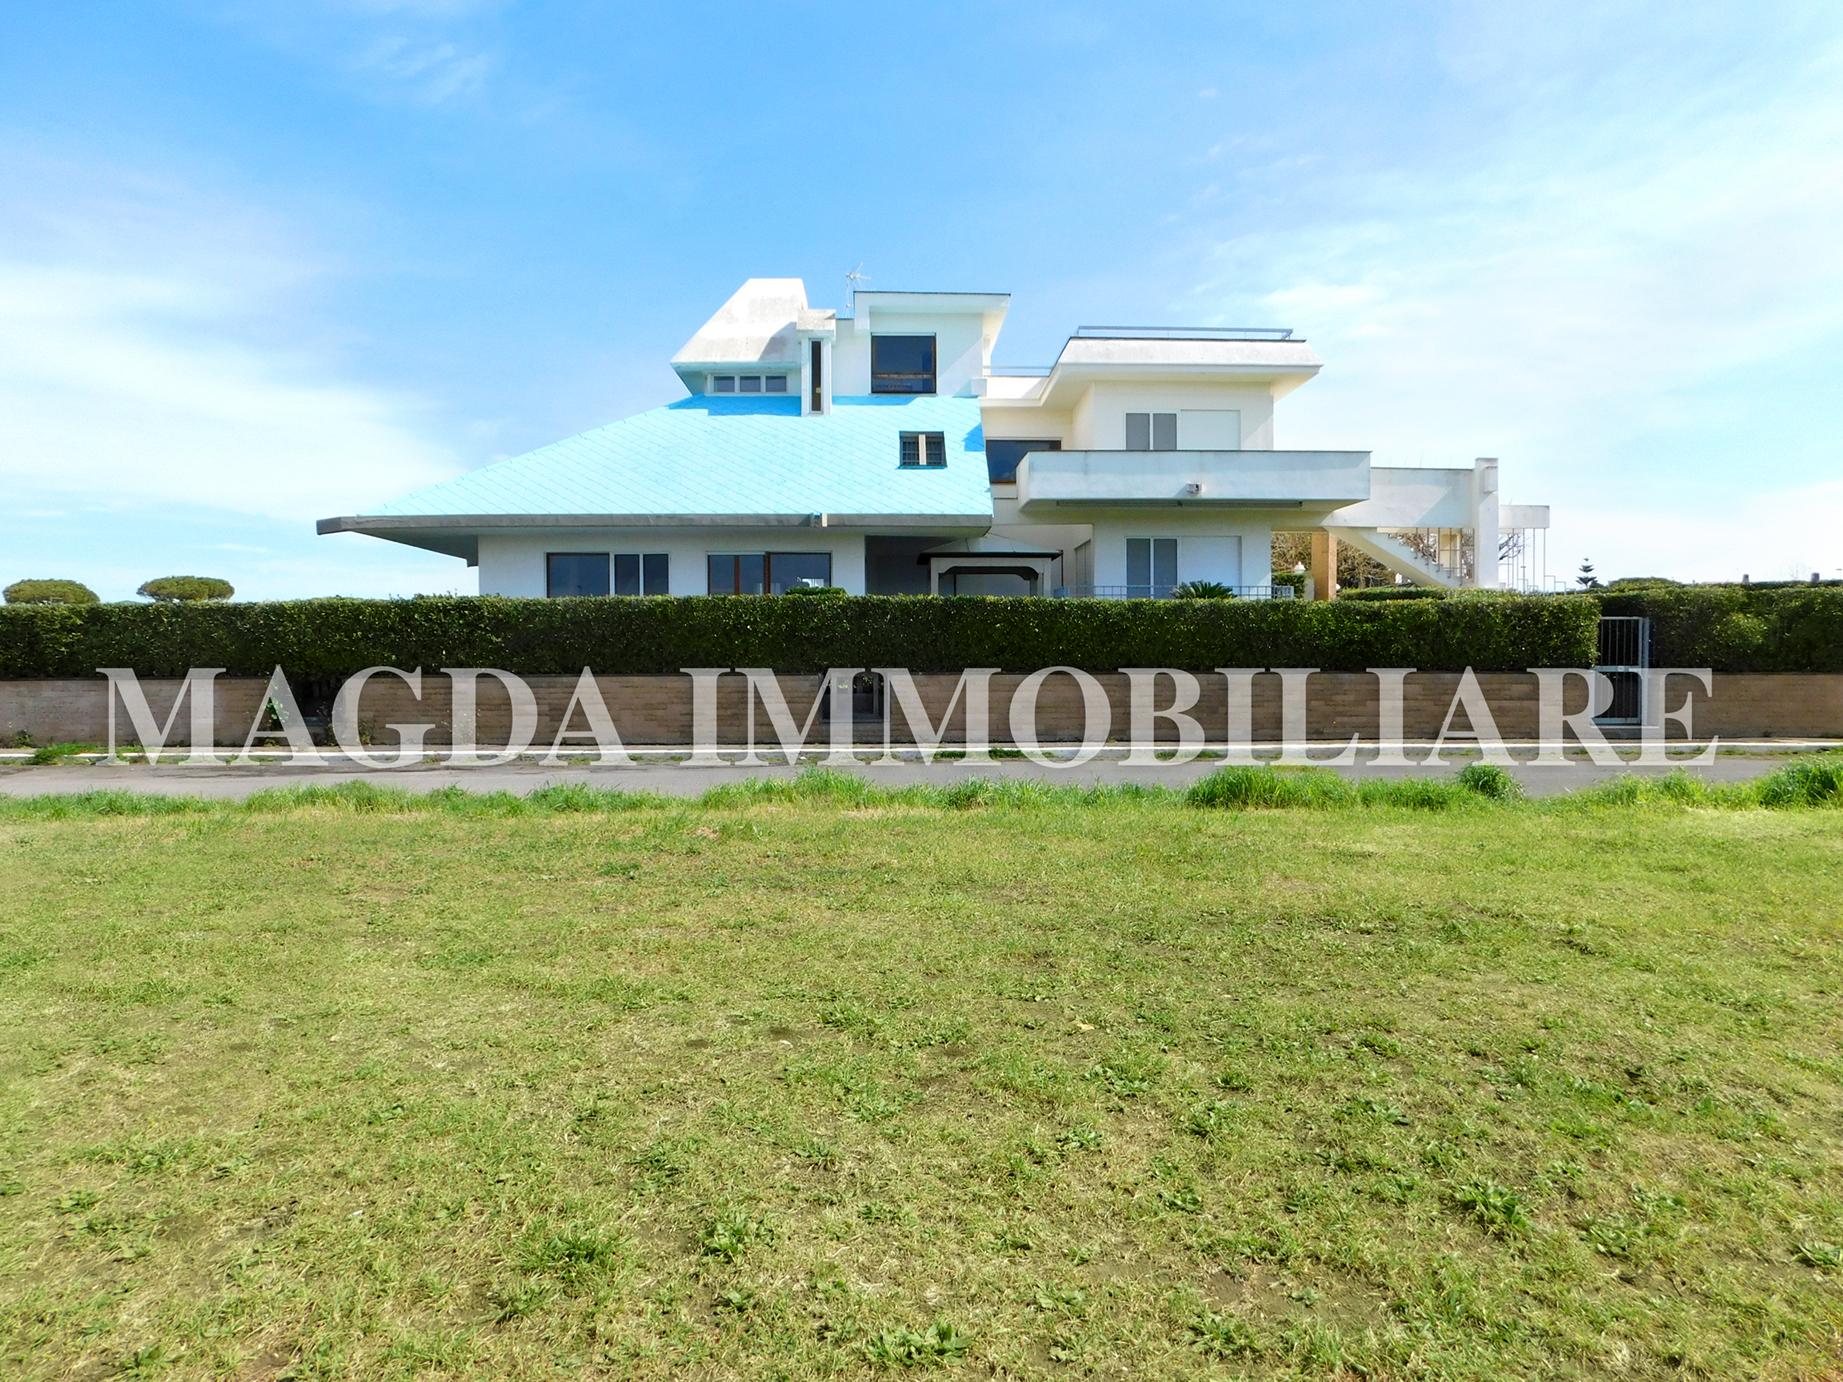 Villa Unifamiliare a Campo Di Mare - Viale Mediterraneo, 43